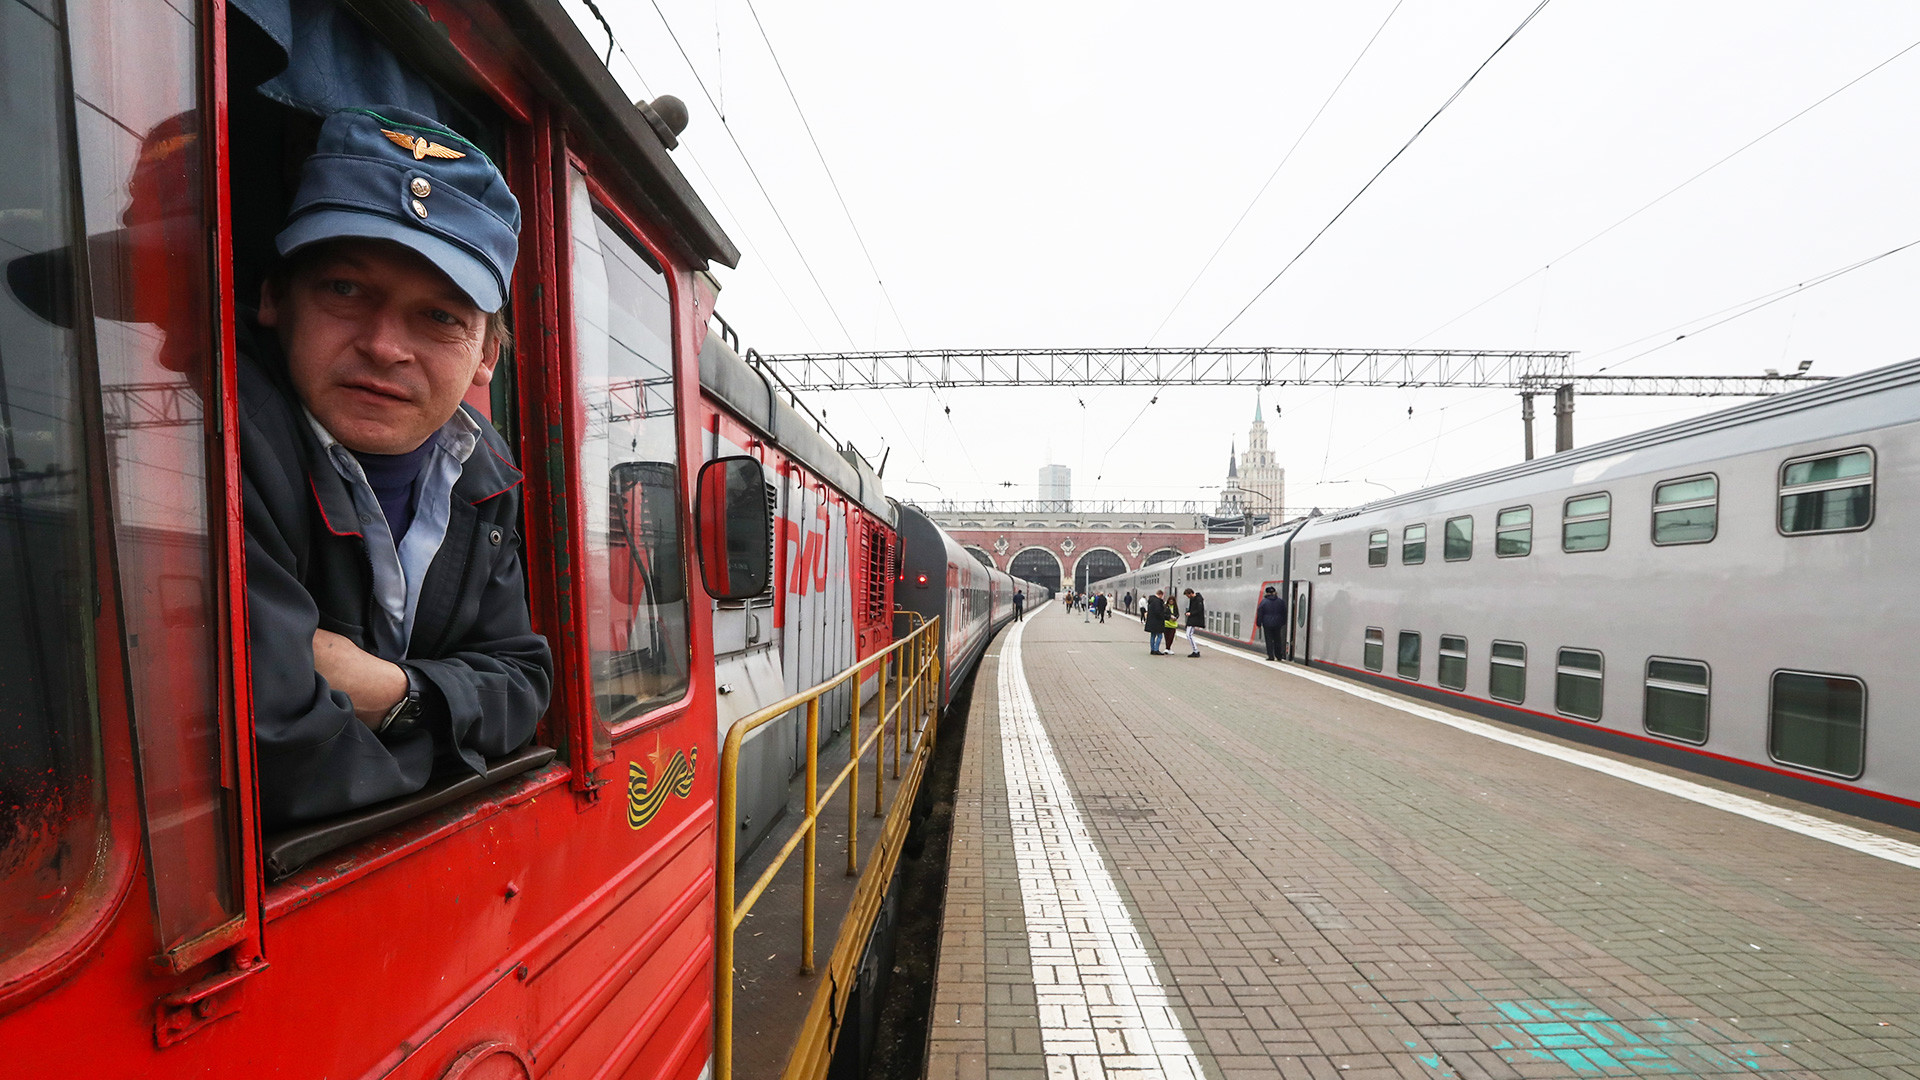 """Le train qui assurera la liaison baptisée """"Tavria"""" (""""Tauride"""", nom antique de la Crimée), en gare de Kazan, à Moscou."""